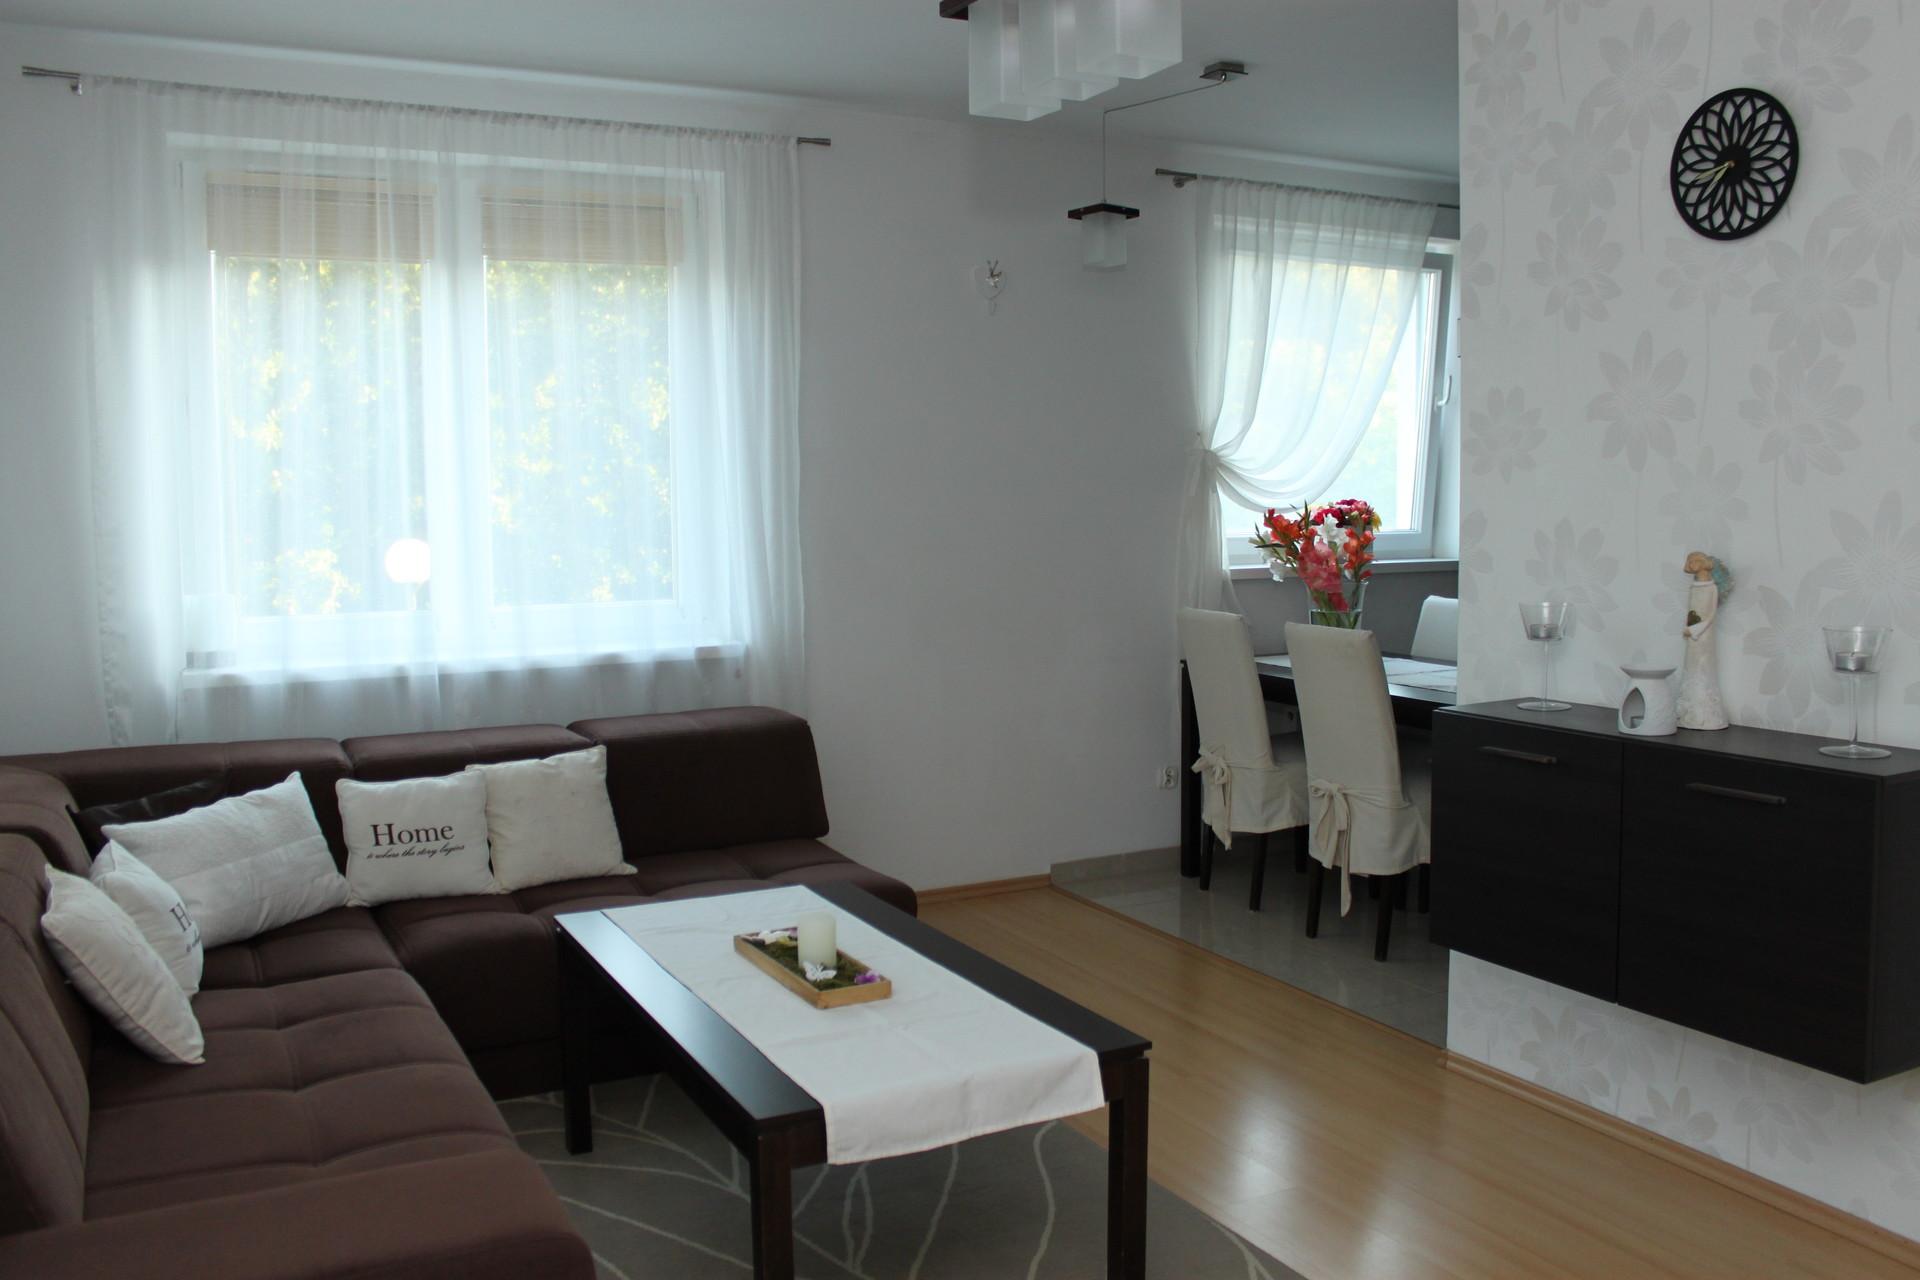 4-room-flat-rent-szczecin-pomorzany-3ac263274f167df6a019a1ae36e16e79